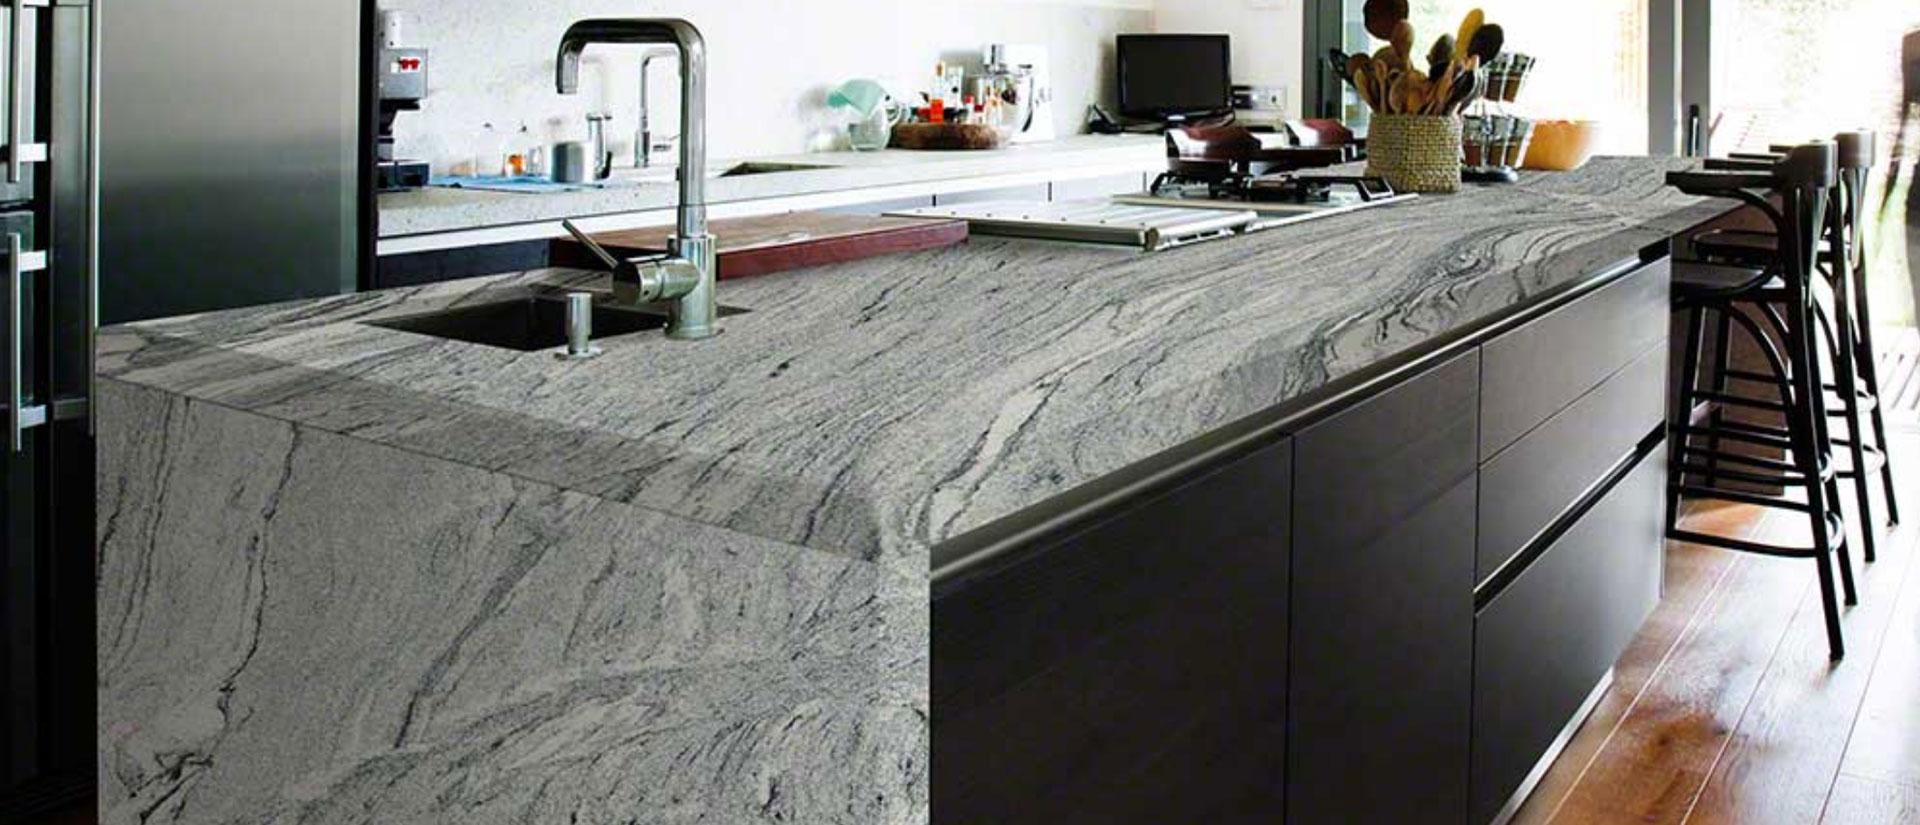 Viscount White Granite Kitchen